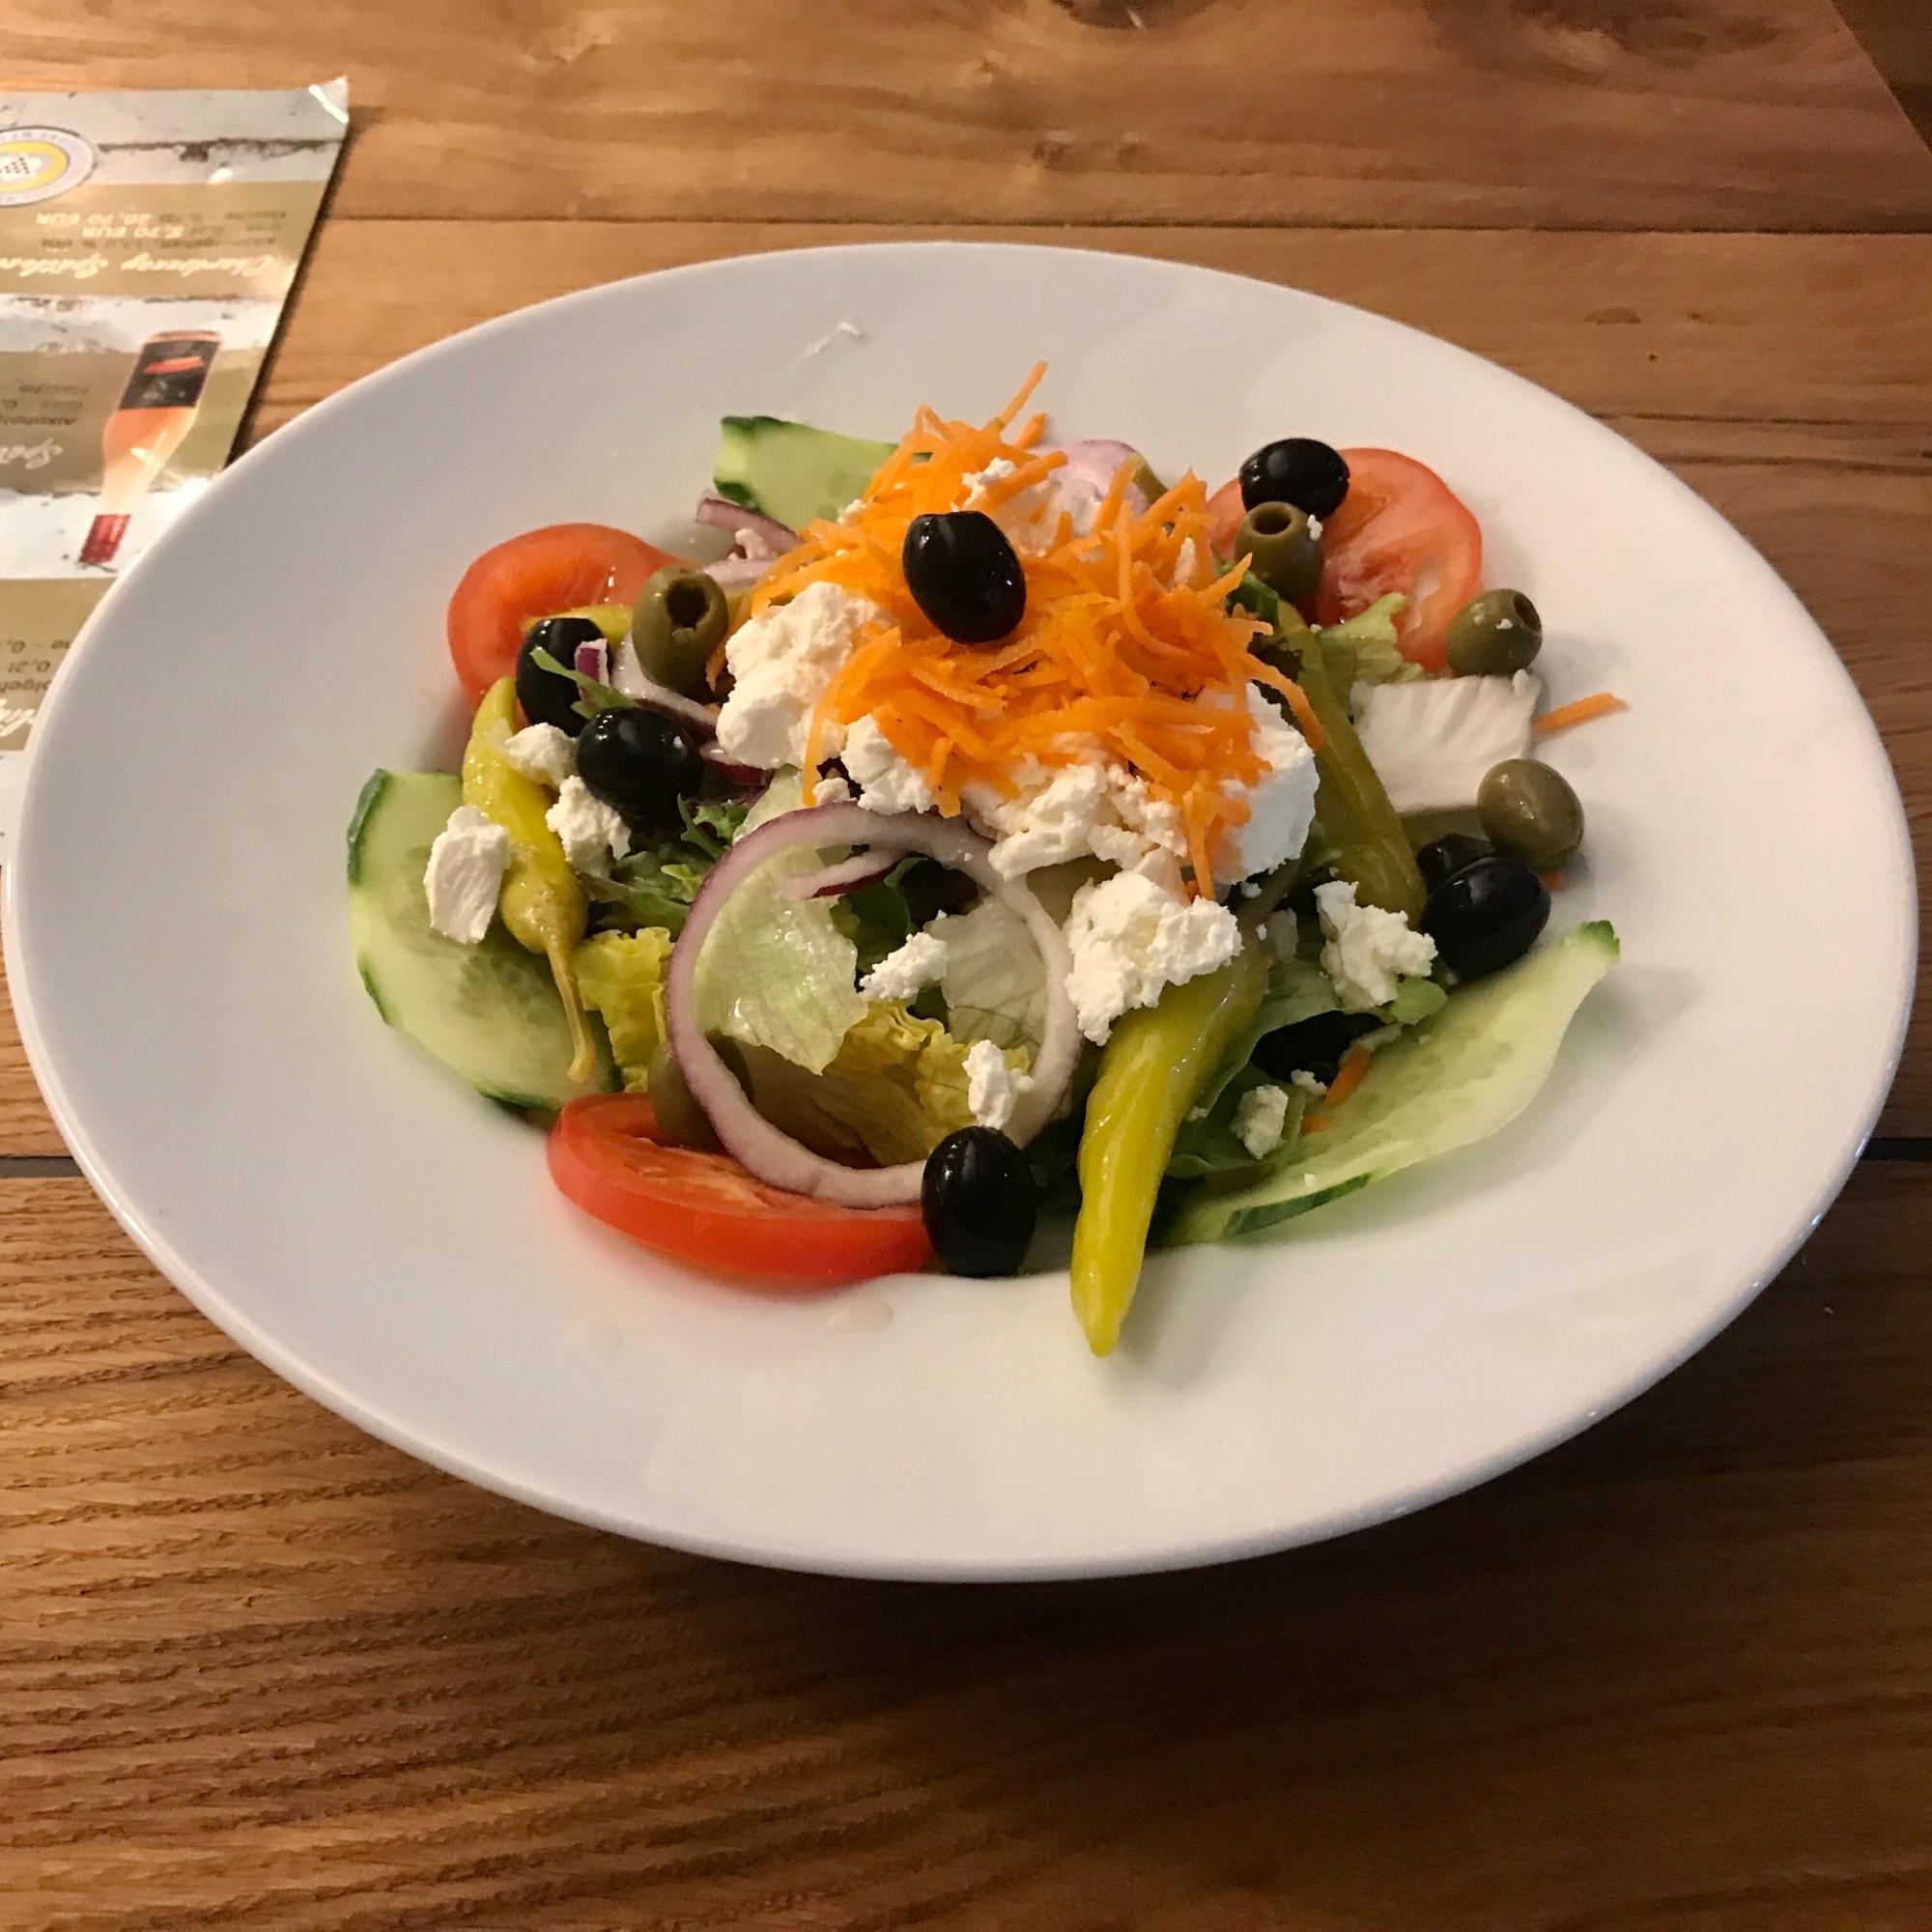 Restaurant-Wedel-Mühlenstein-Burger-Pizza-Brunch-Greek Salad